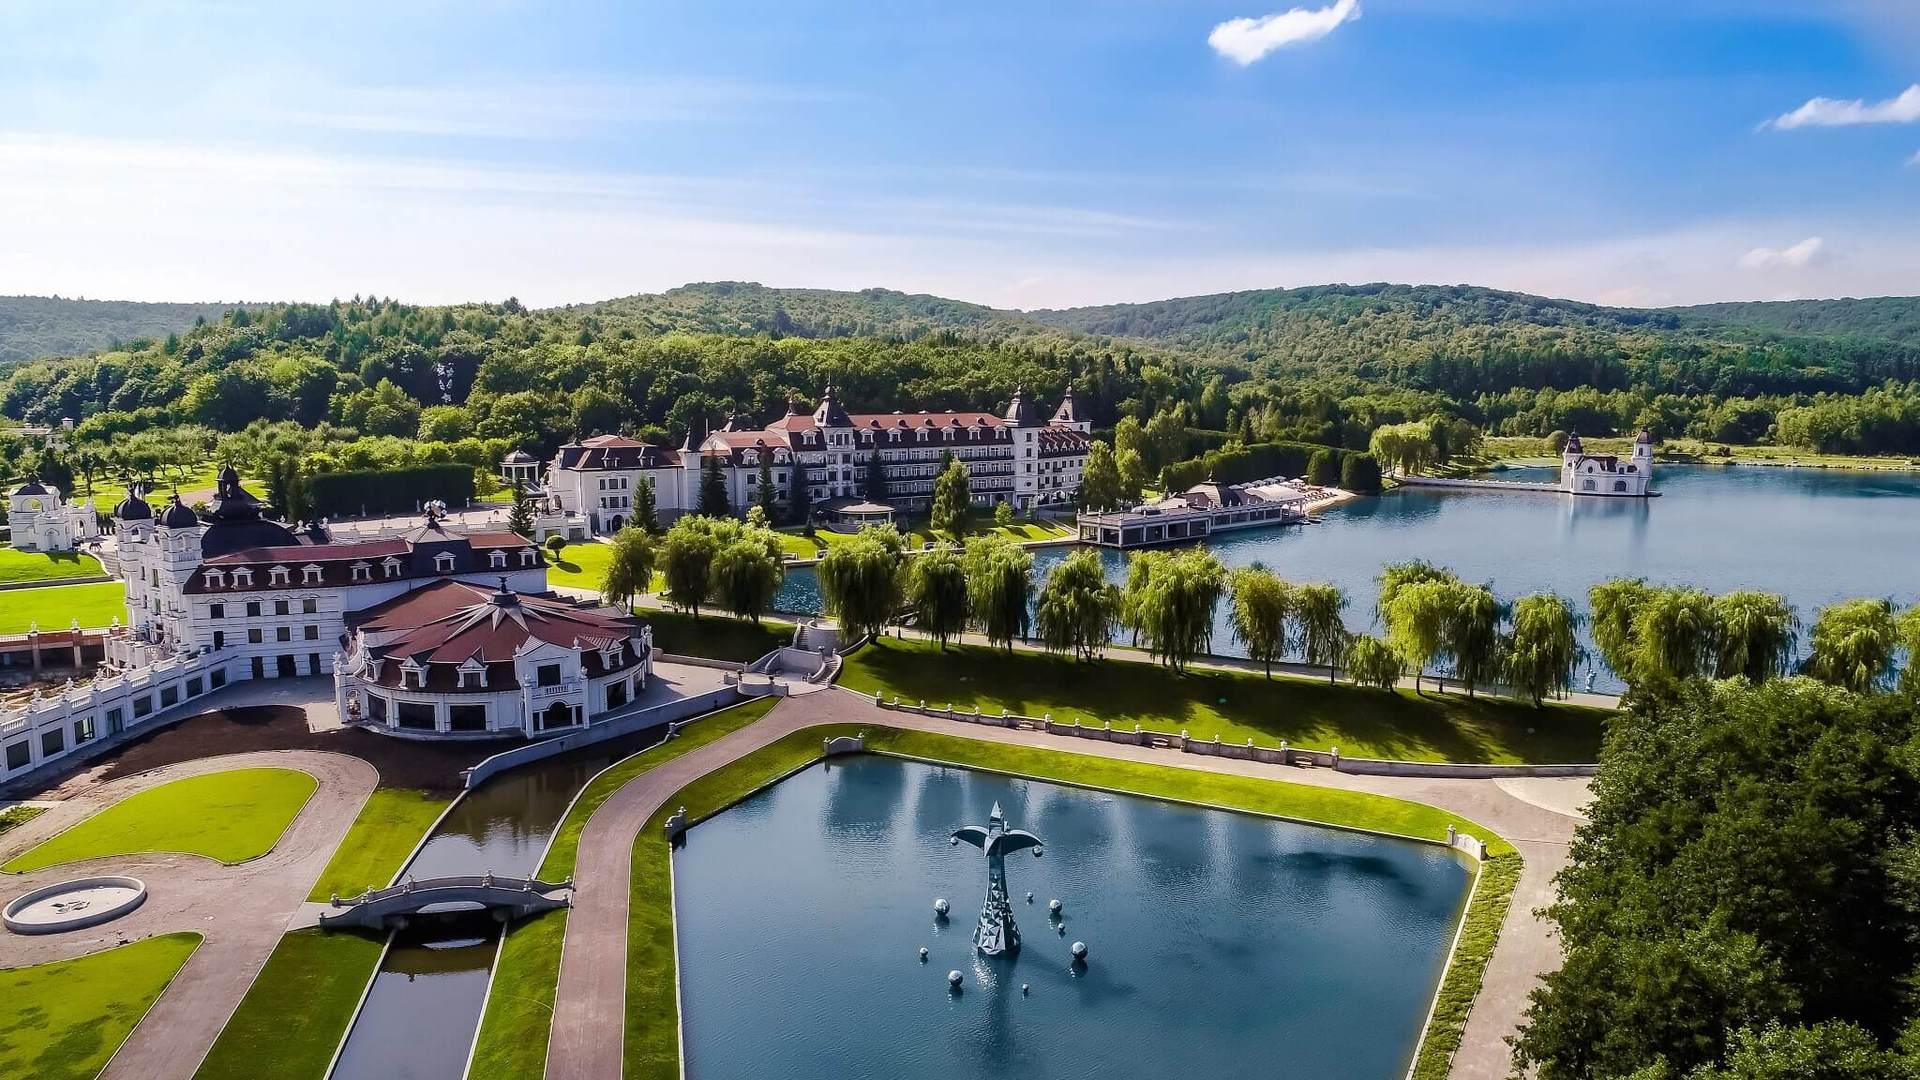 Комплекс потрапив у рейтинг 9 кращих SPA- і Wellness-курортів світу міжнародного видання Total Escape, також отримав нагороду «Кращий готель України» на Chance Travel Awards.